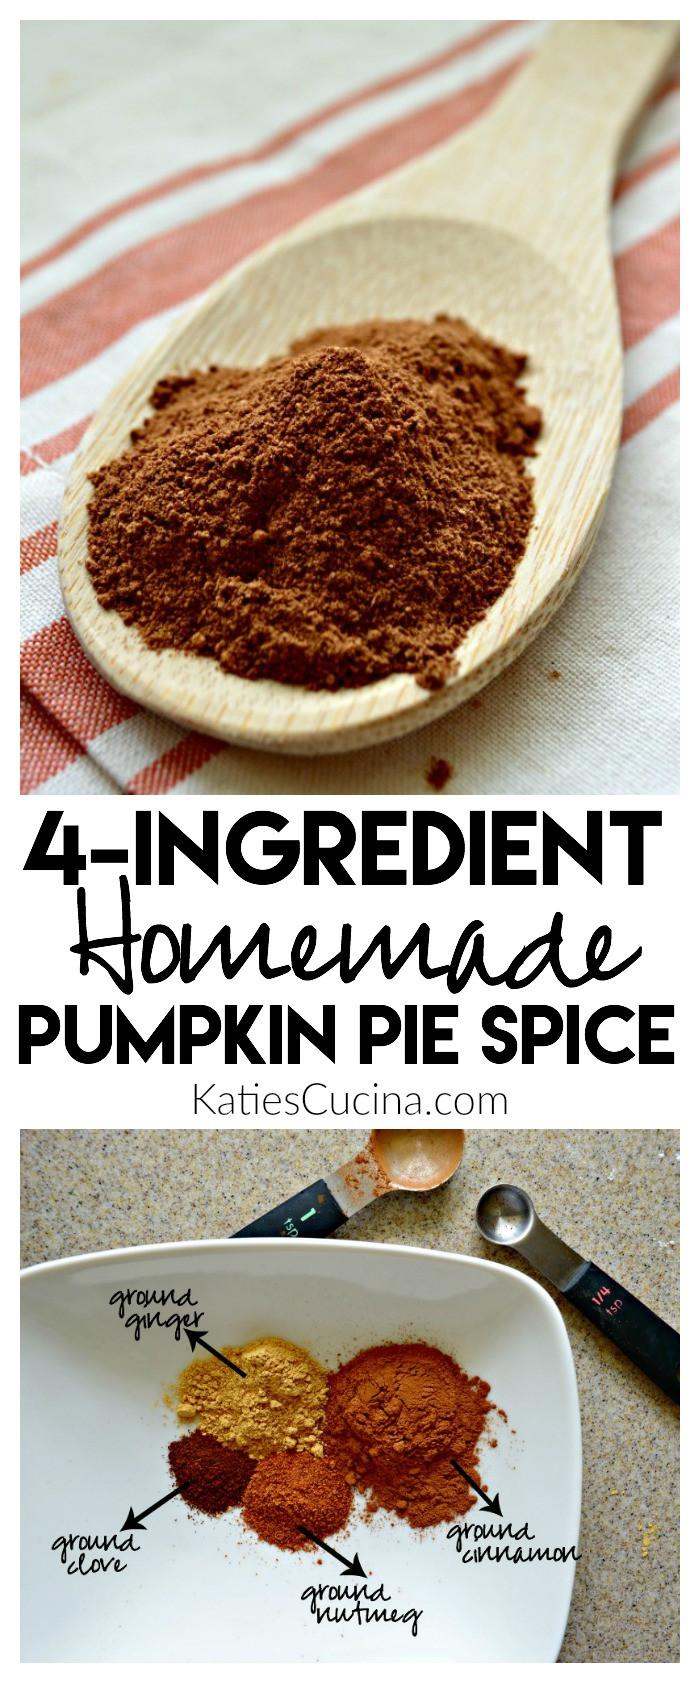 Diy Pumpkin Pie Spice  Homemade Pumpkin Pie Spice Katie s Cucina